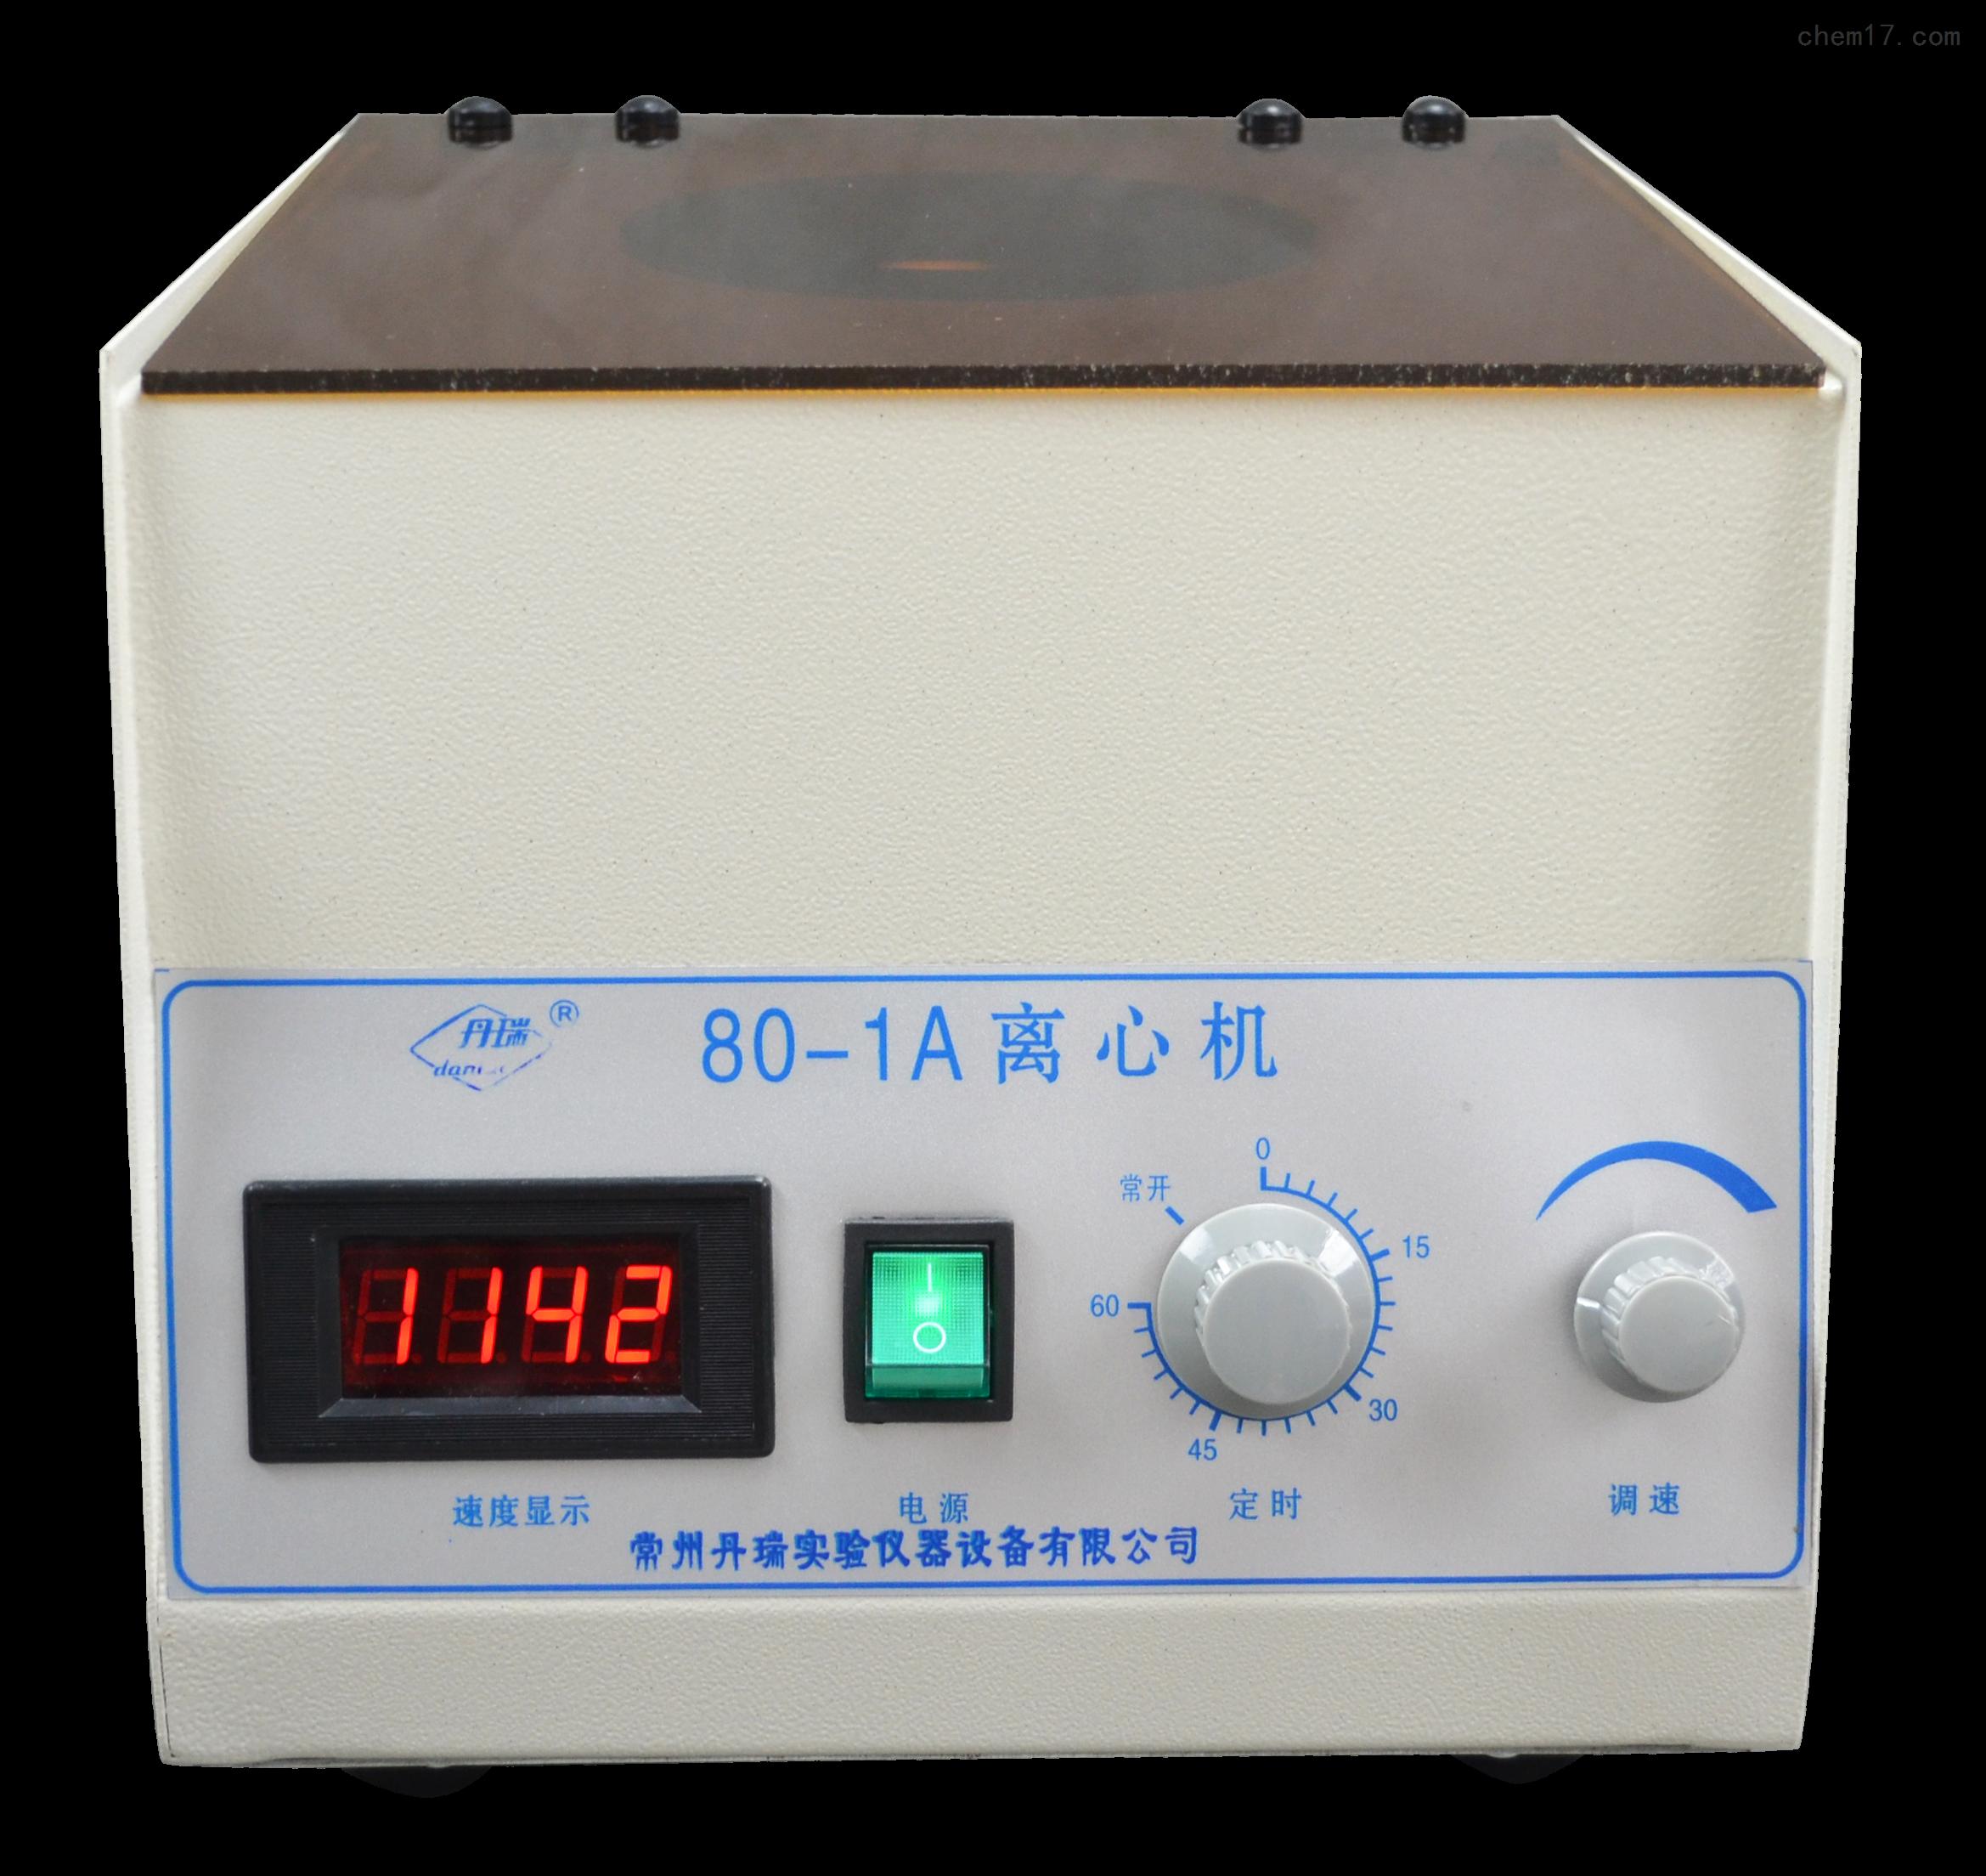 80-2A台式電動離心機